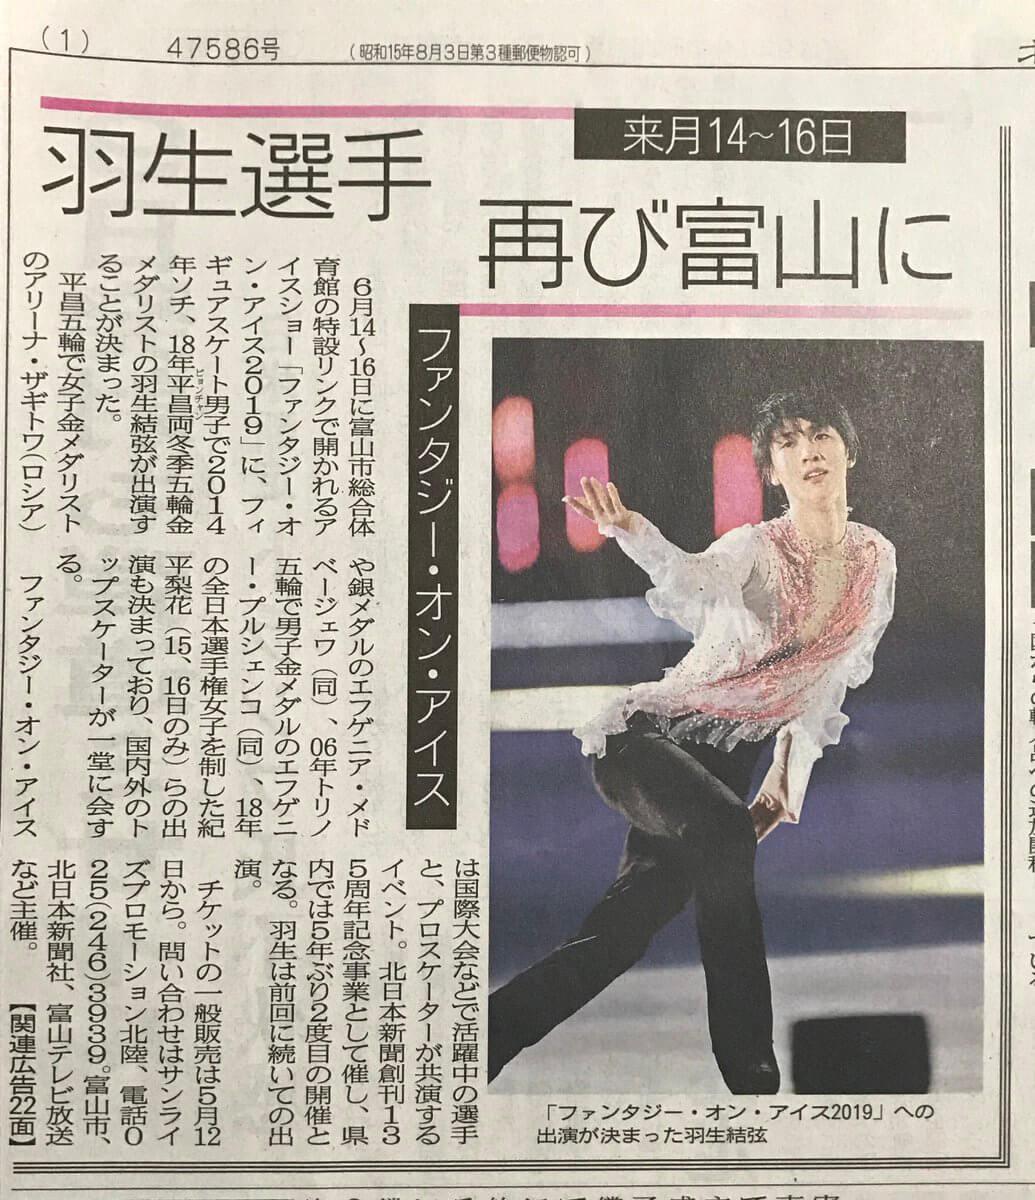 北日本新聞「羽生選手 再び富山に」神戸に続いて富山もはしゃいでる!w